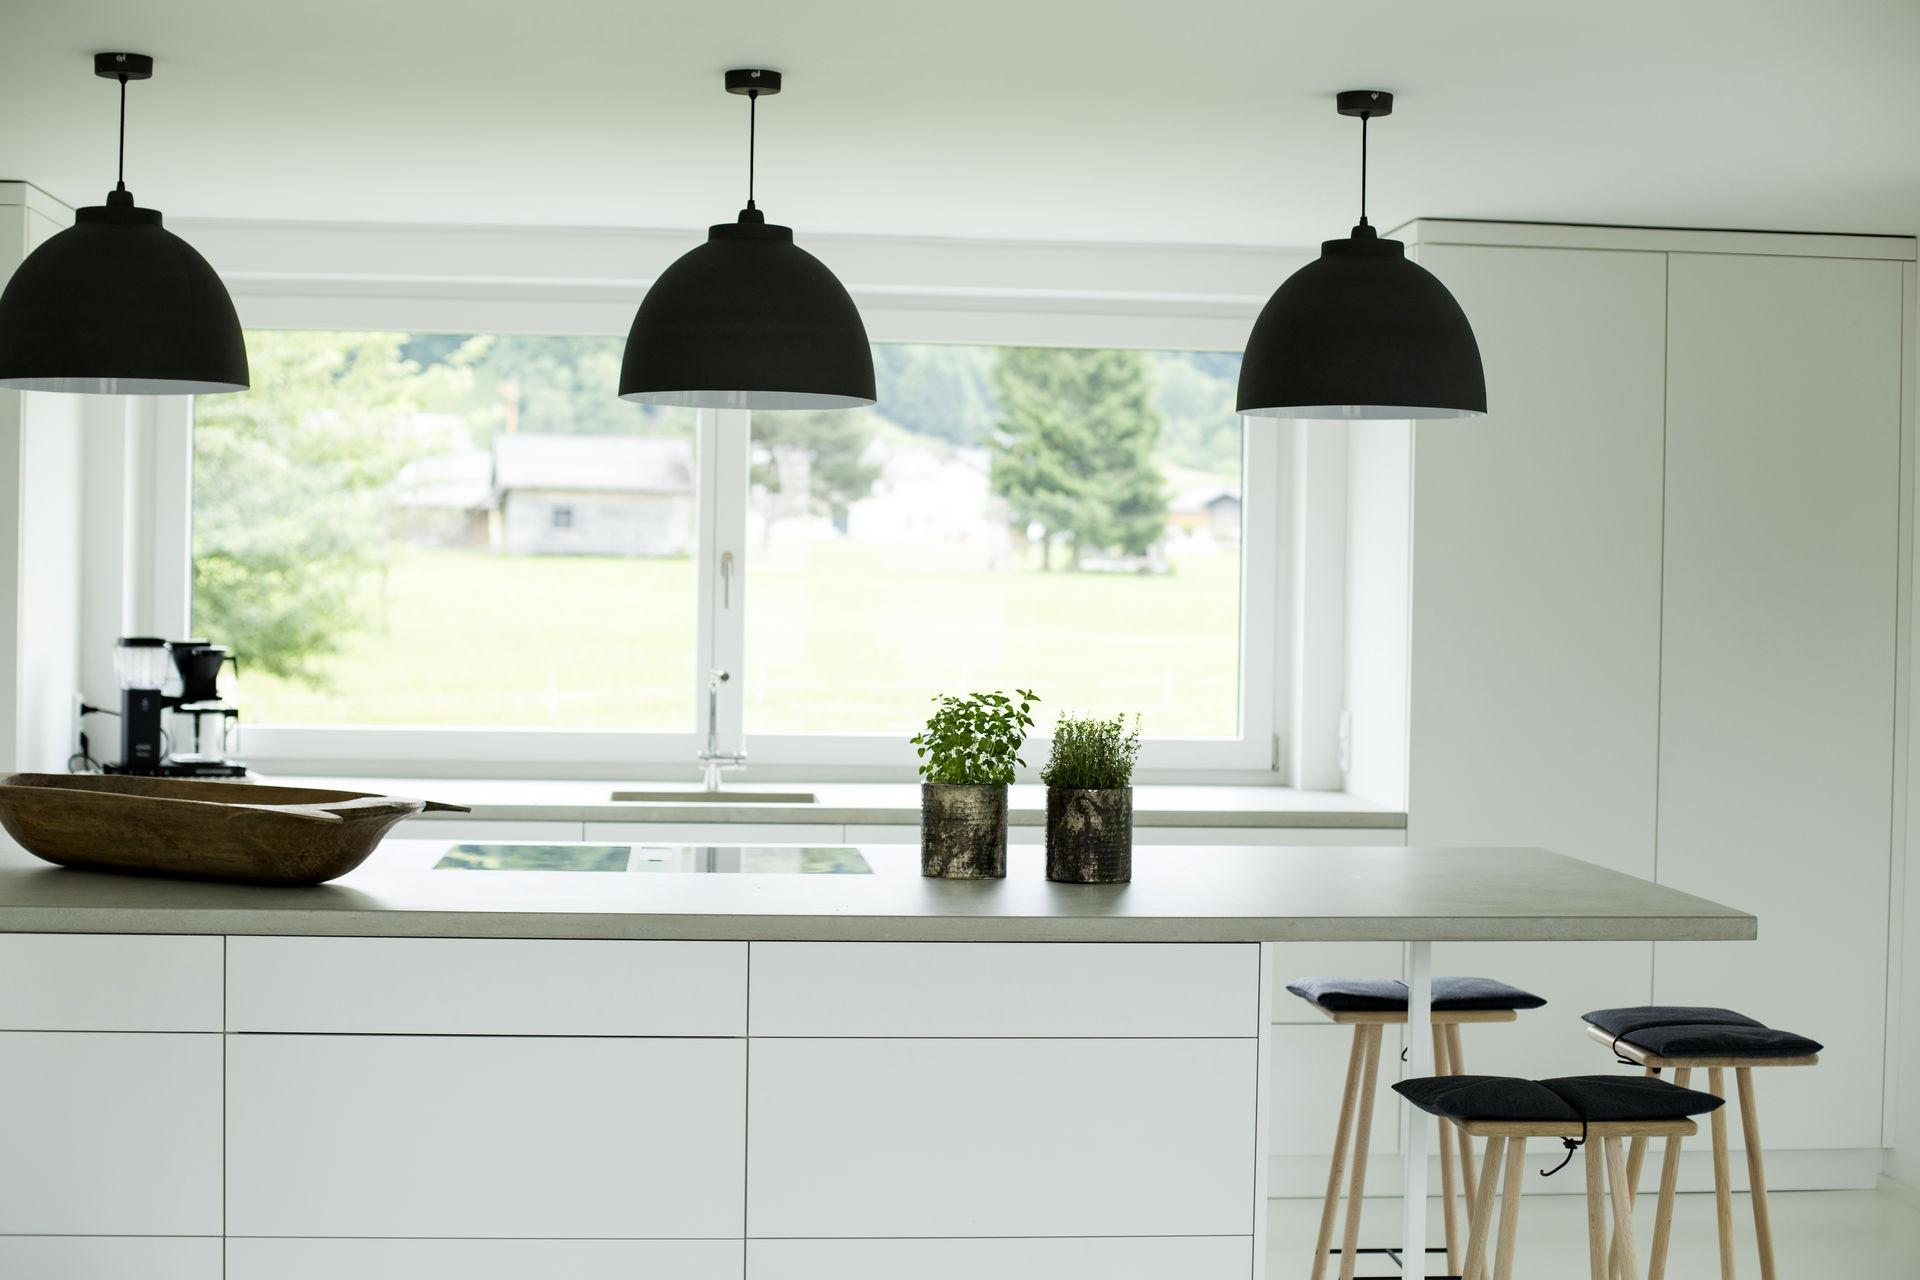 Großartig Küche Spur Beleuchtungsoptionen Galerie - Ideen Für Die ...